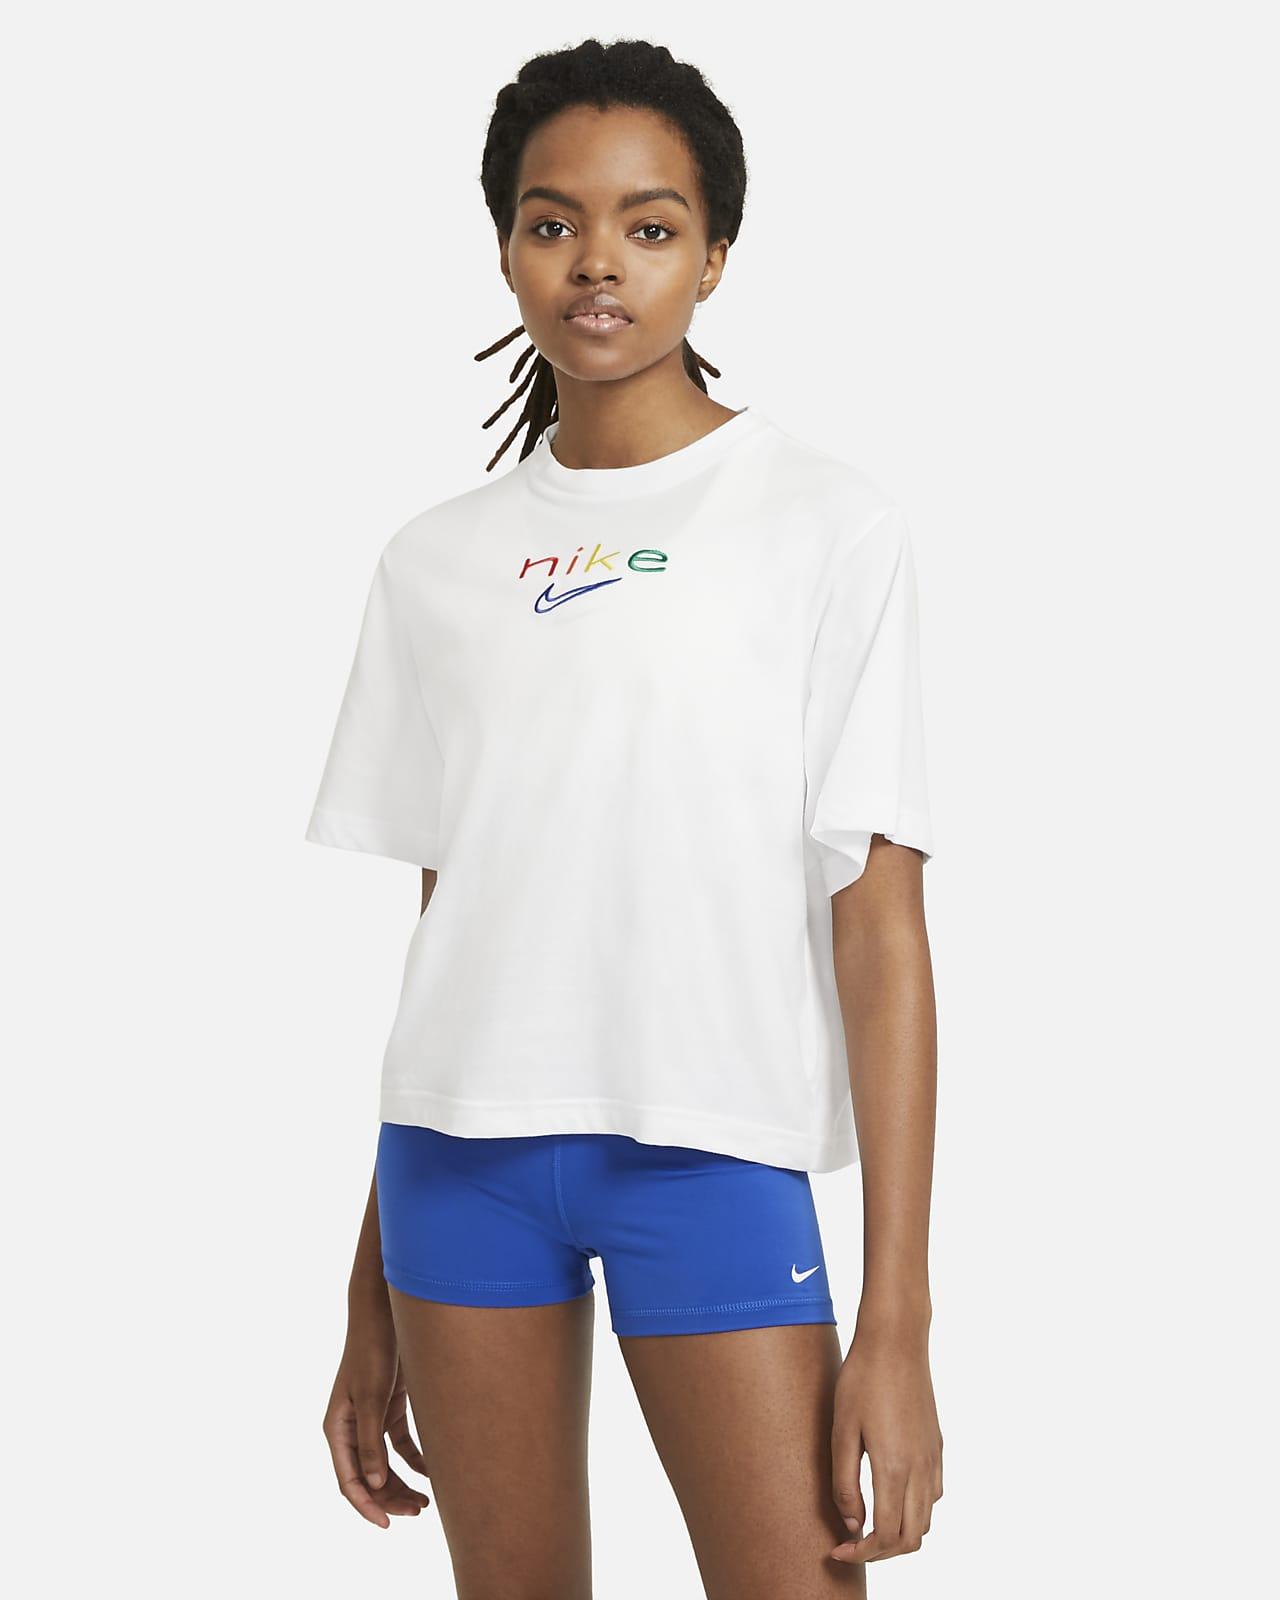 Playera de entrenamiento recta de arcoíris para mujer Nike Dri-FIT